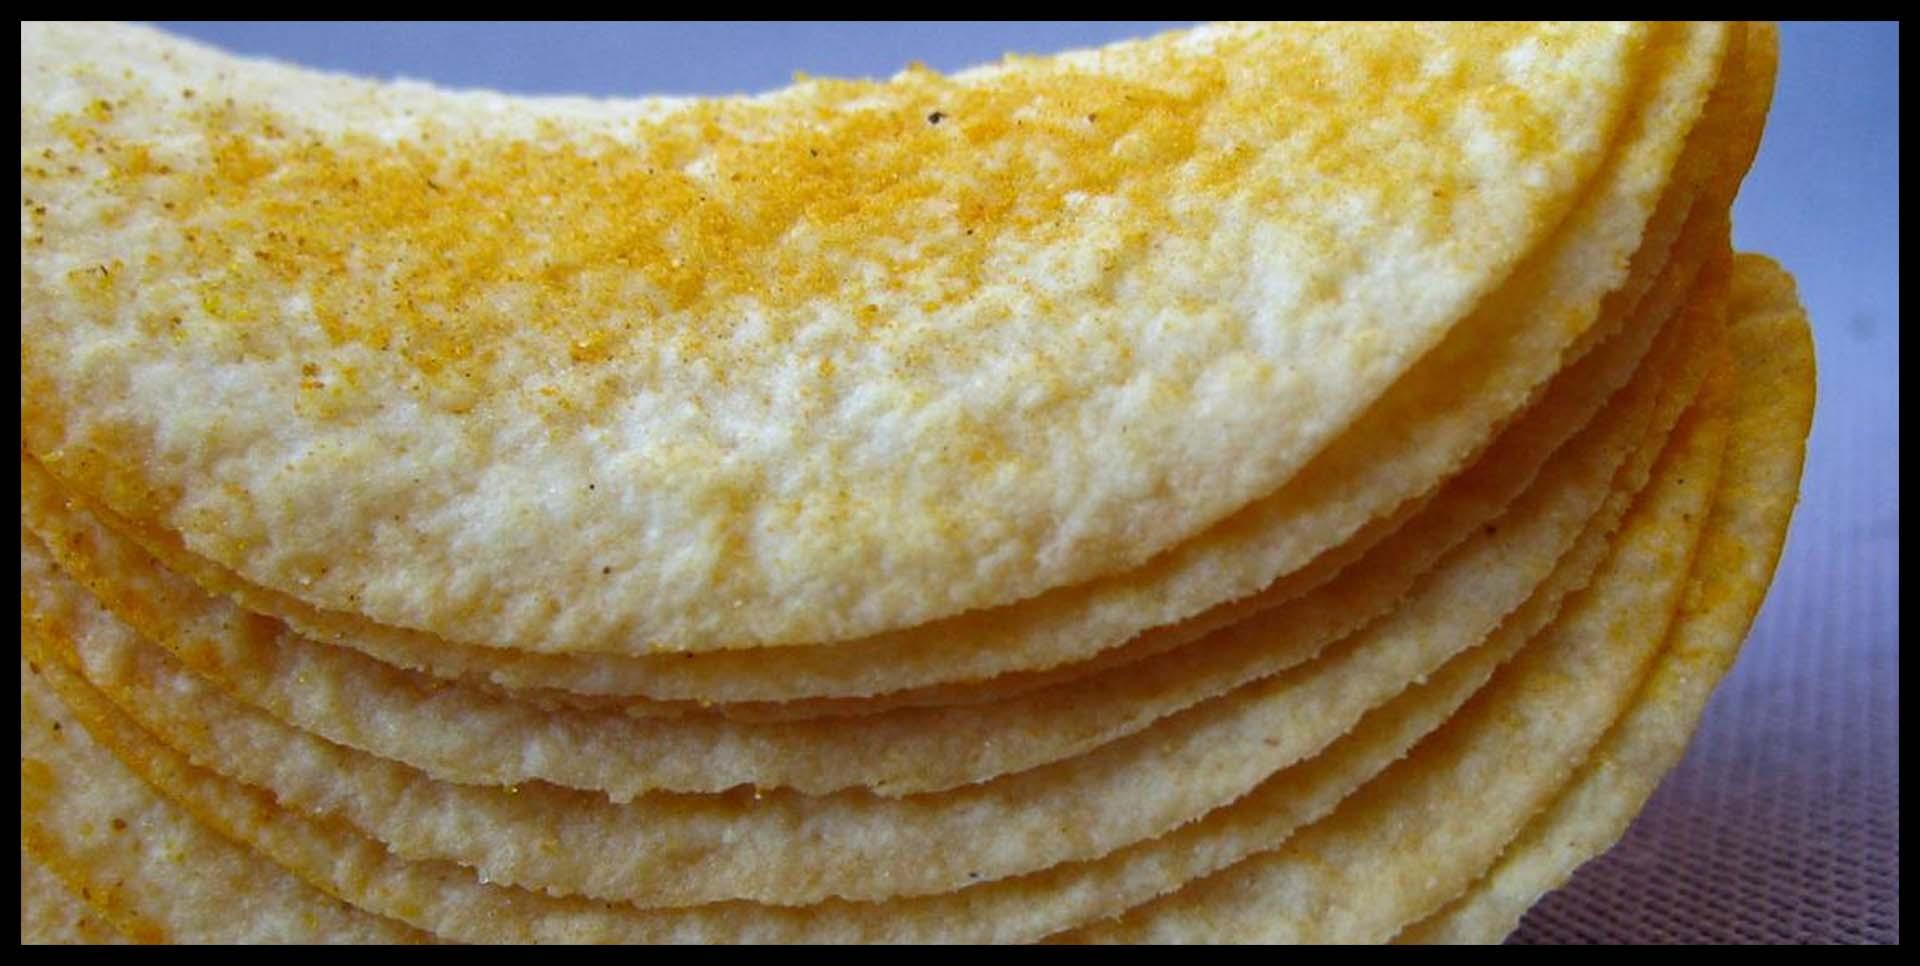 consumo de patatas fritas daña la salud bucal